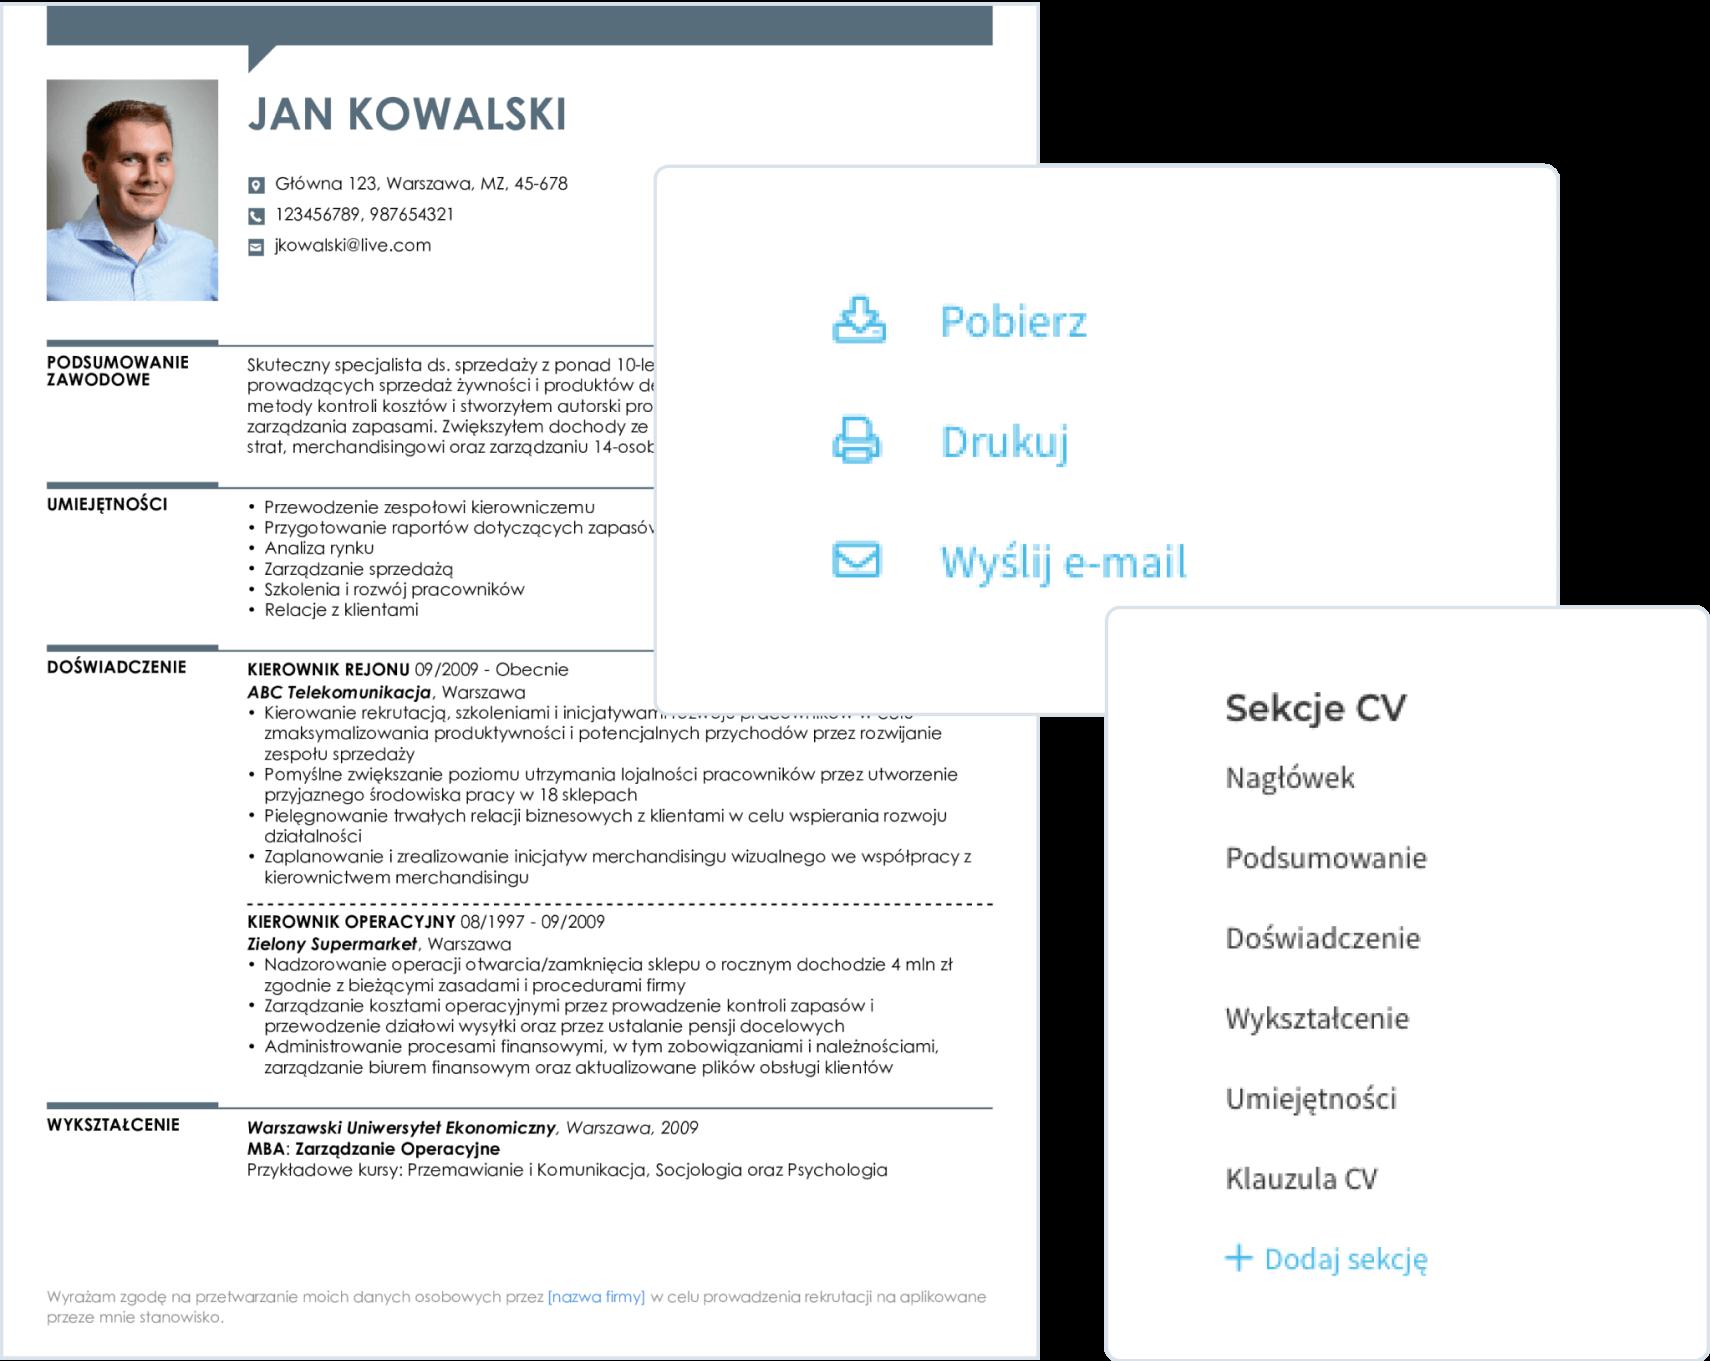 CV stworzone w kreatorze możesz pobrać jako plik PDF lub DOC